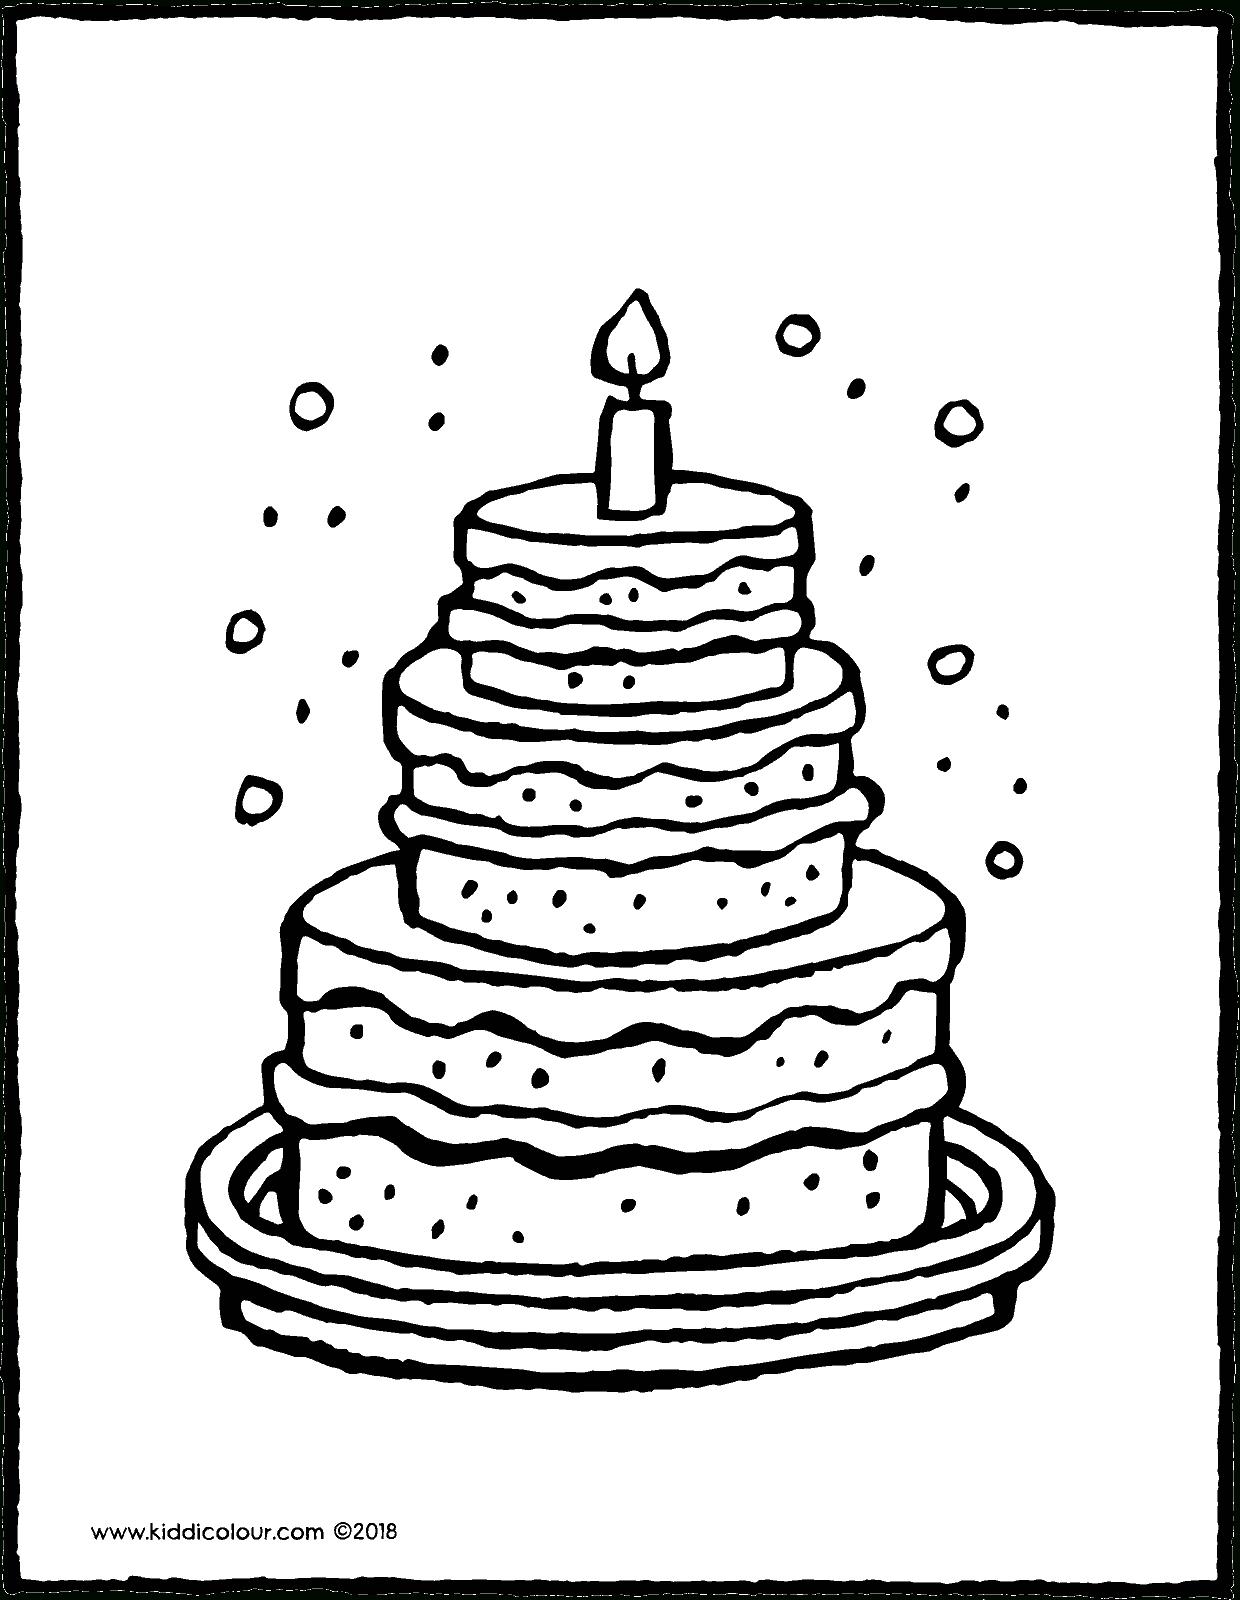 Große Torte Mit Einer Kerze - Kiddimalseite bestimmt für Ausmalbild Torte